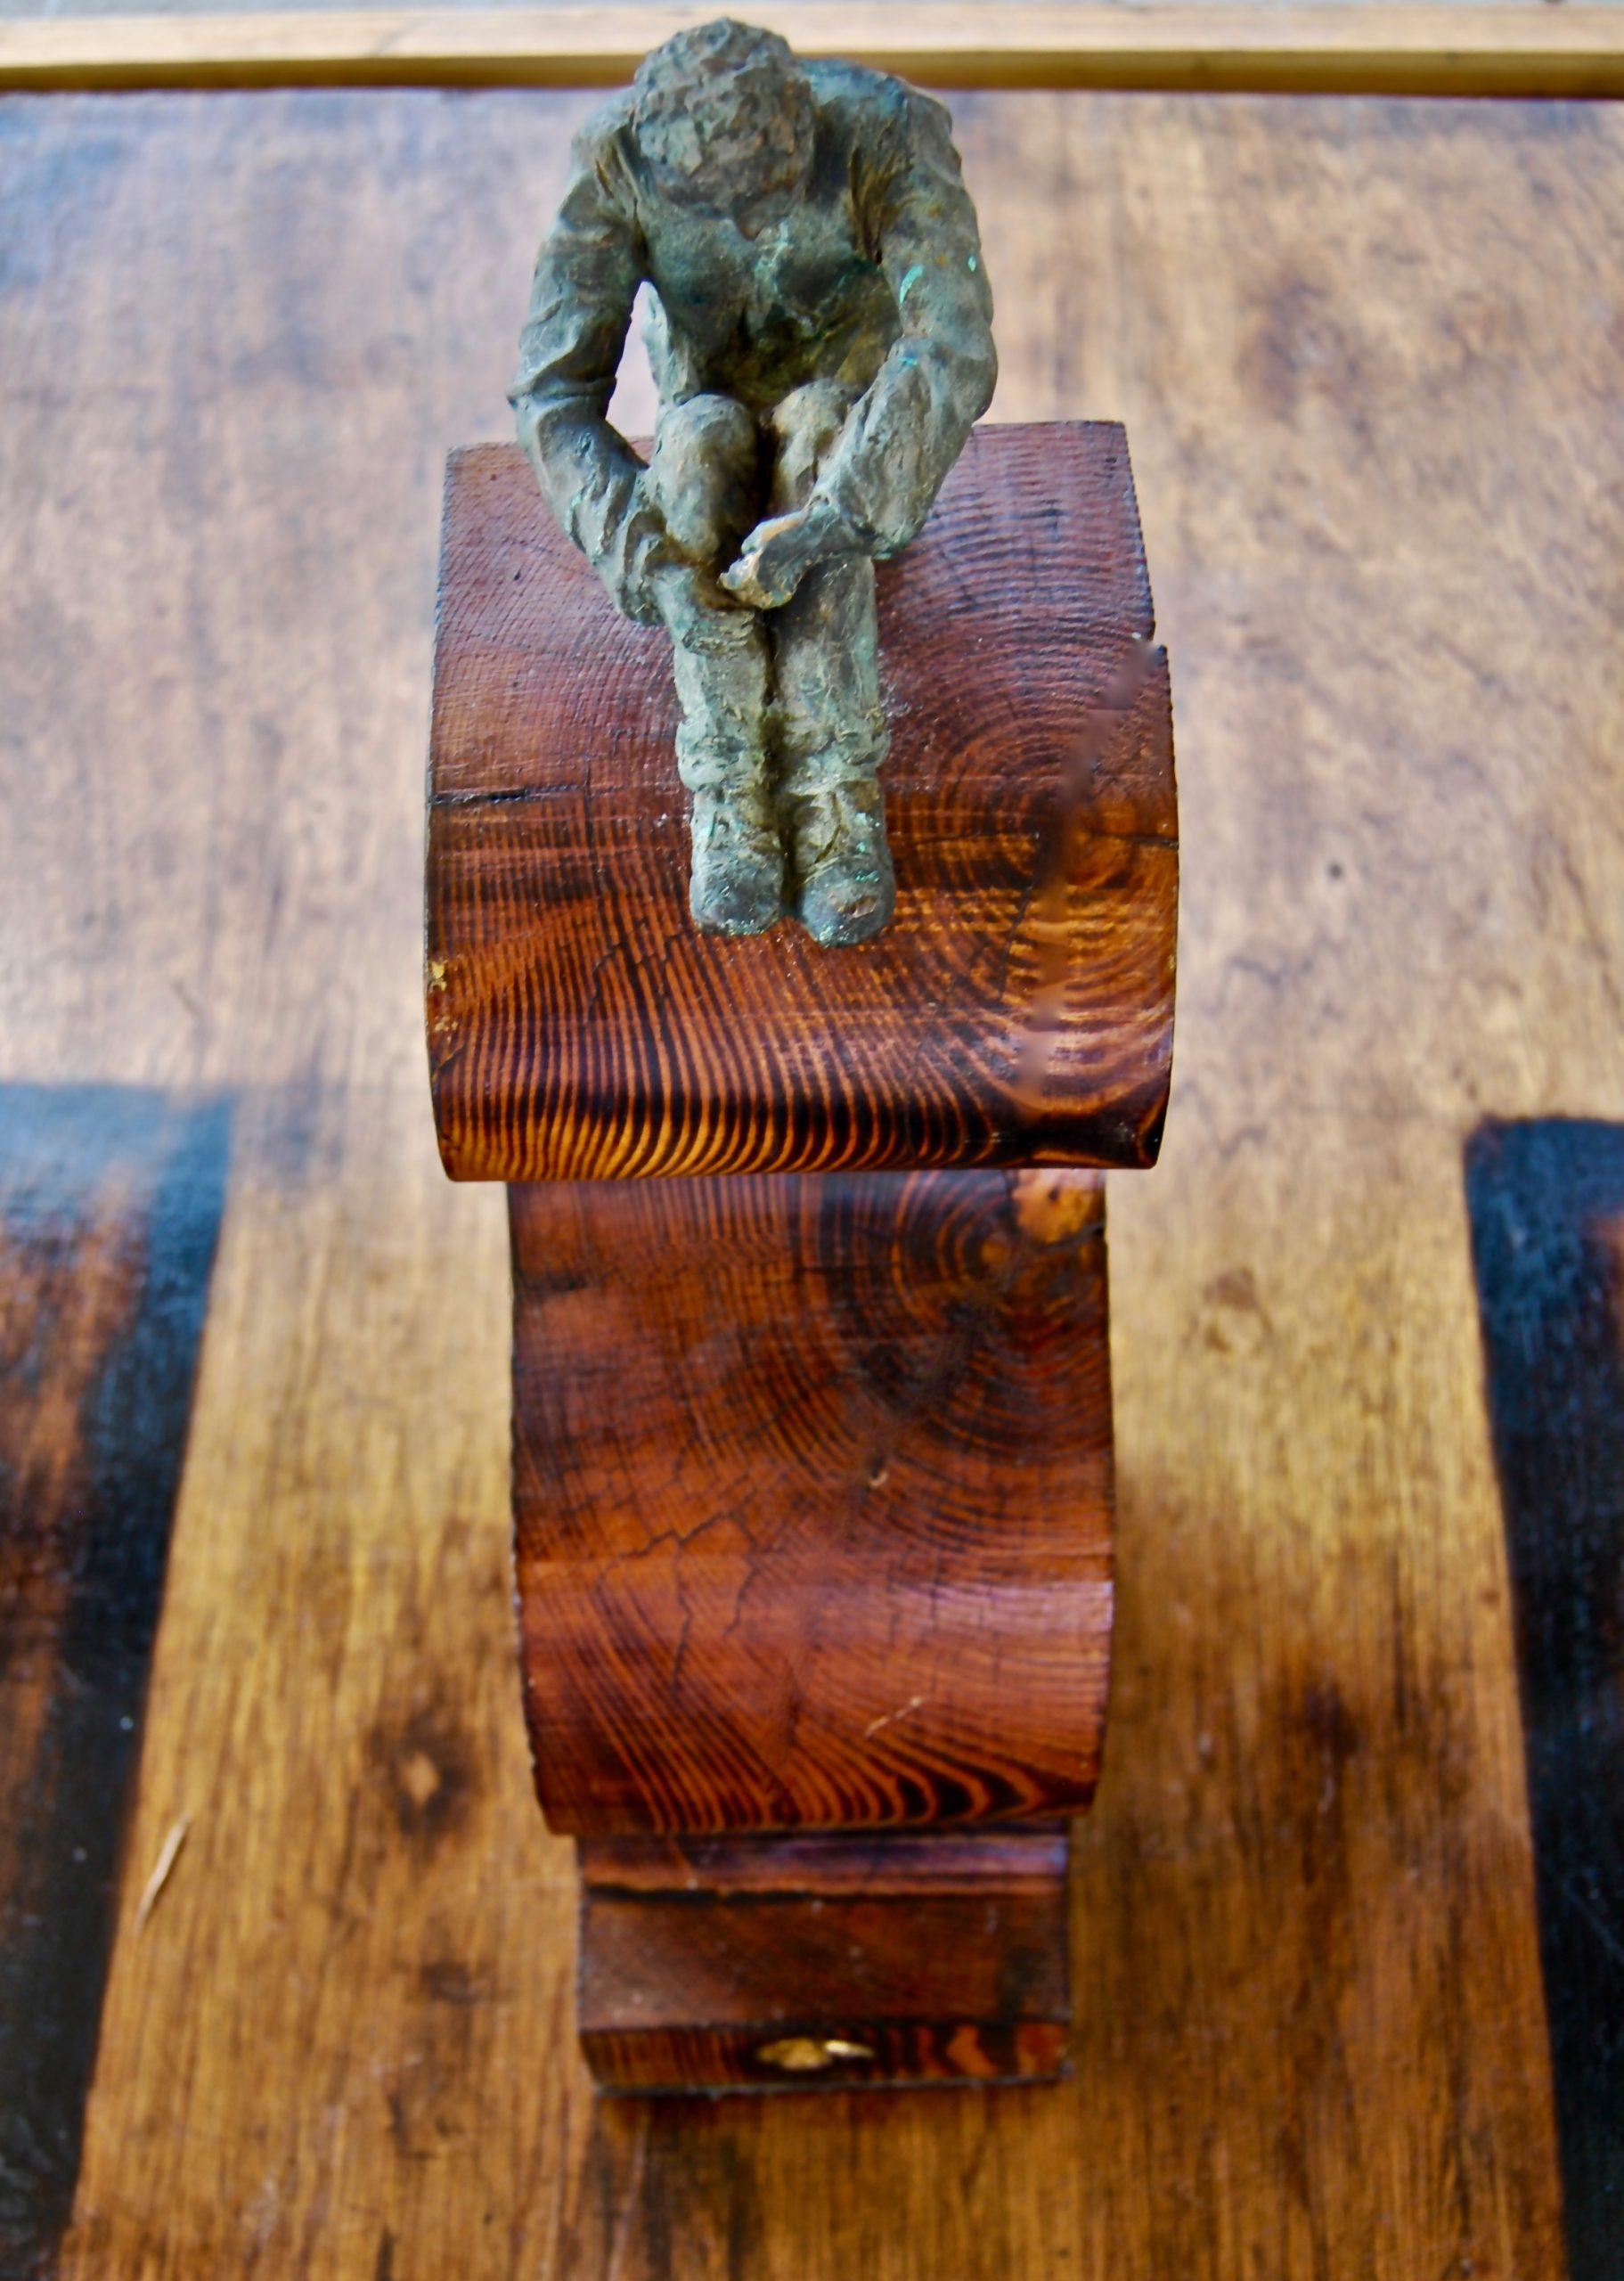 The Samuel Beckett Chess Set